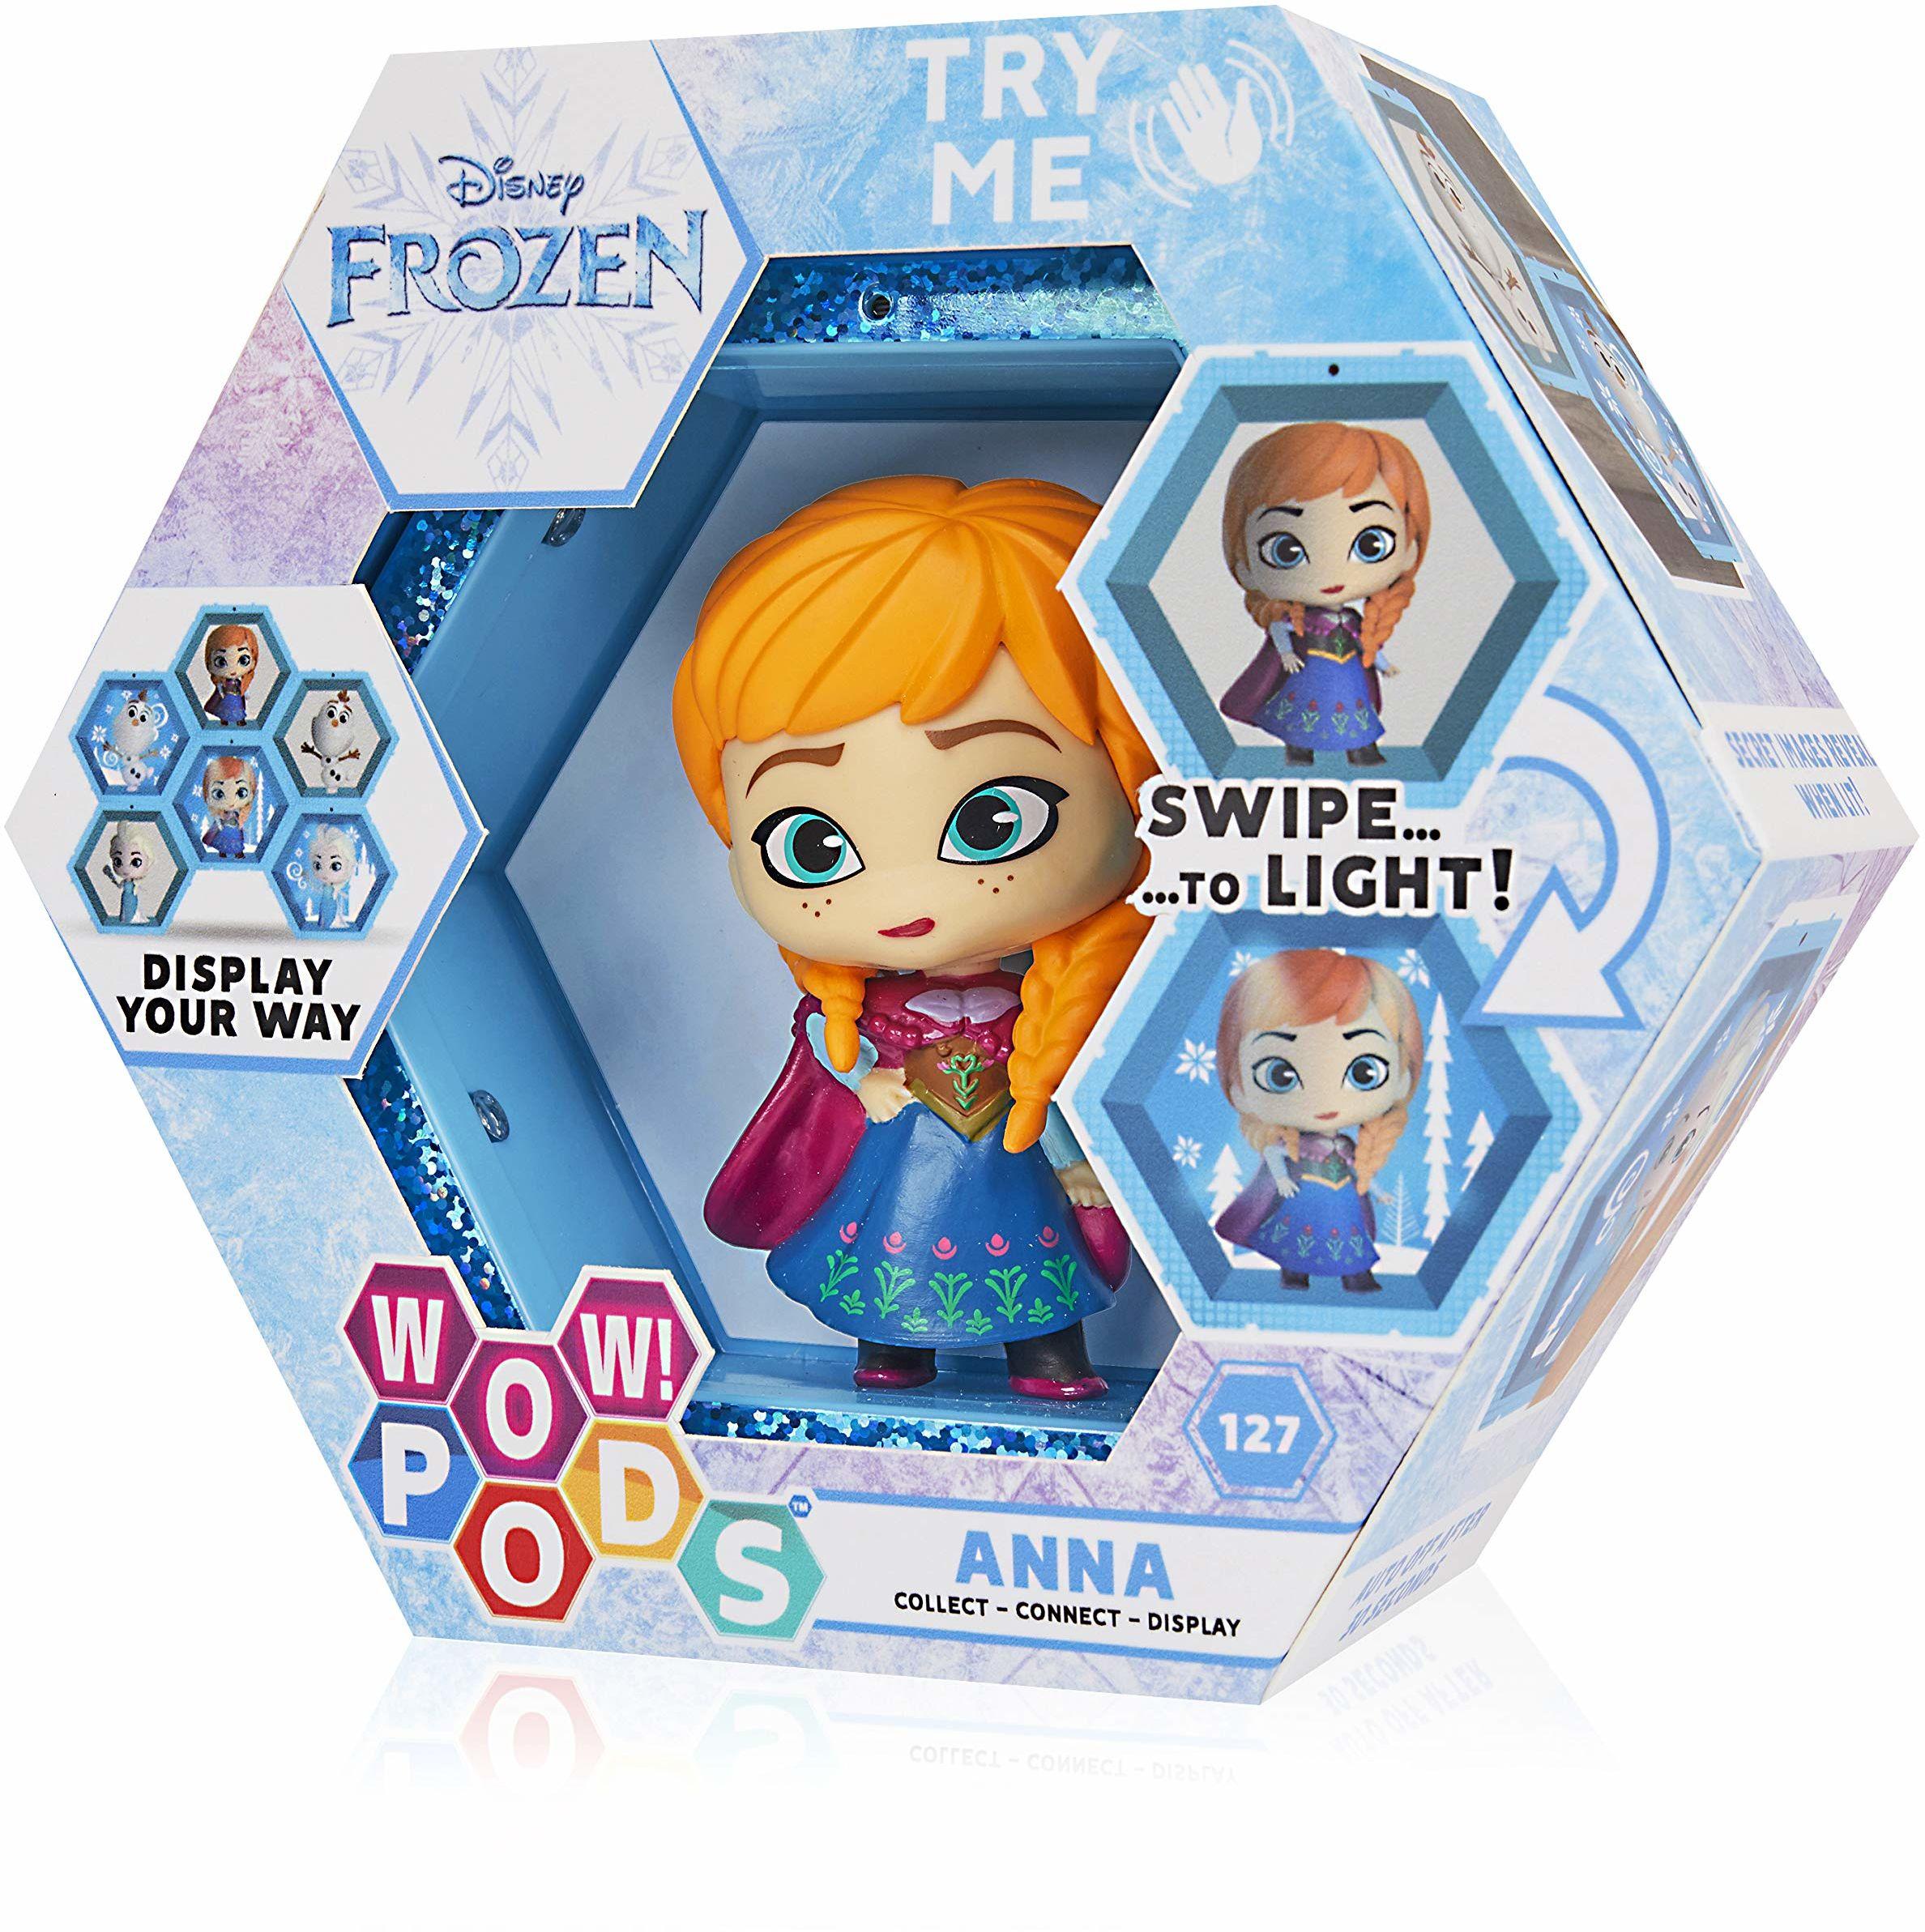 WOW! PODS Disney Frozen Anna kolekcjonerskie podświetlane figurki